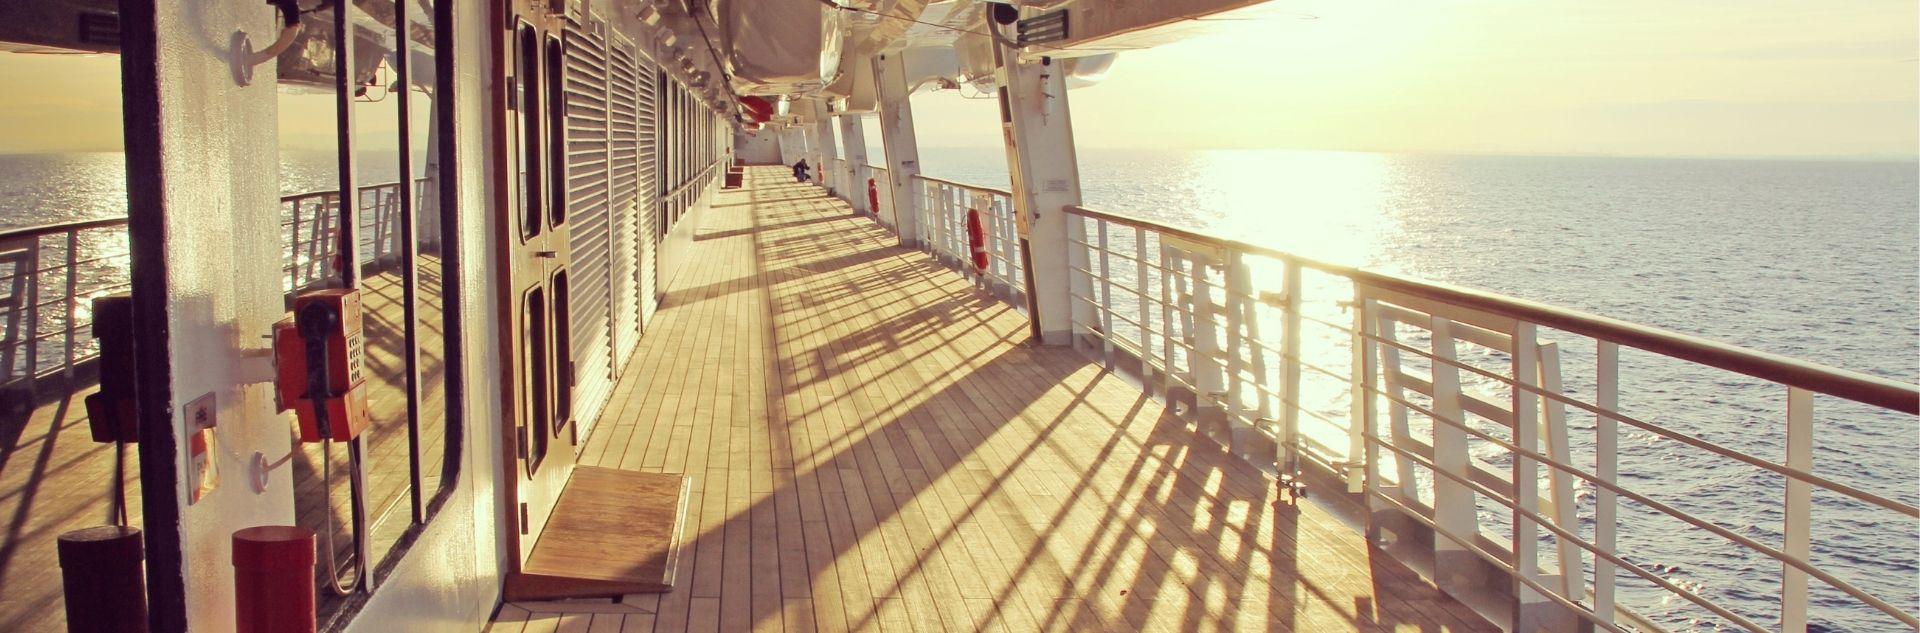 Kreuzfahrt - Blick auf das Meer vom Schiff